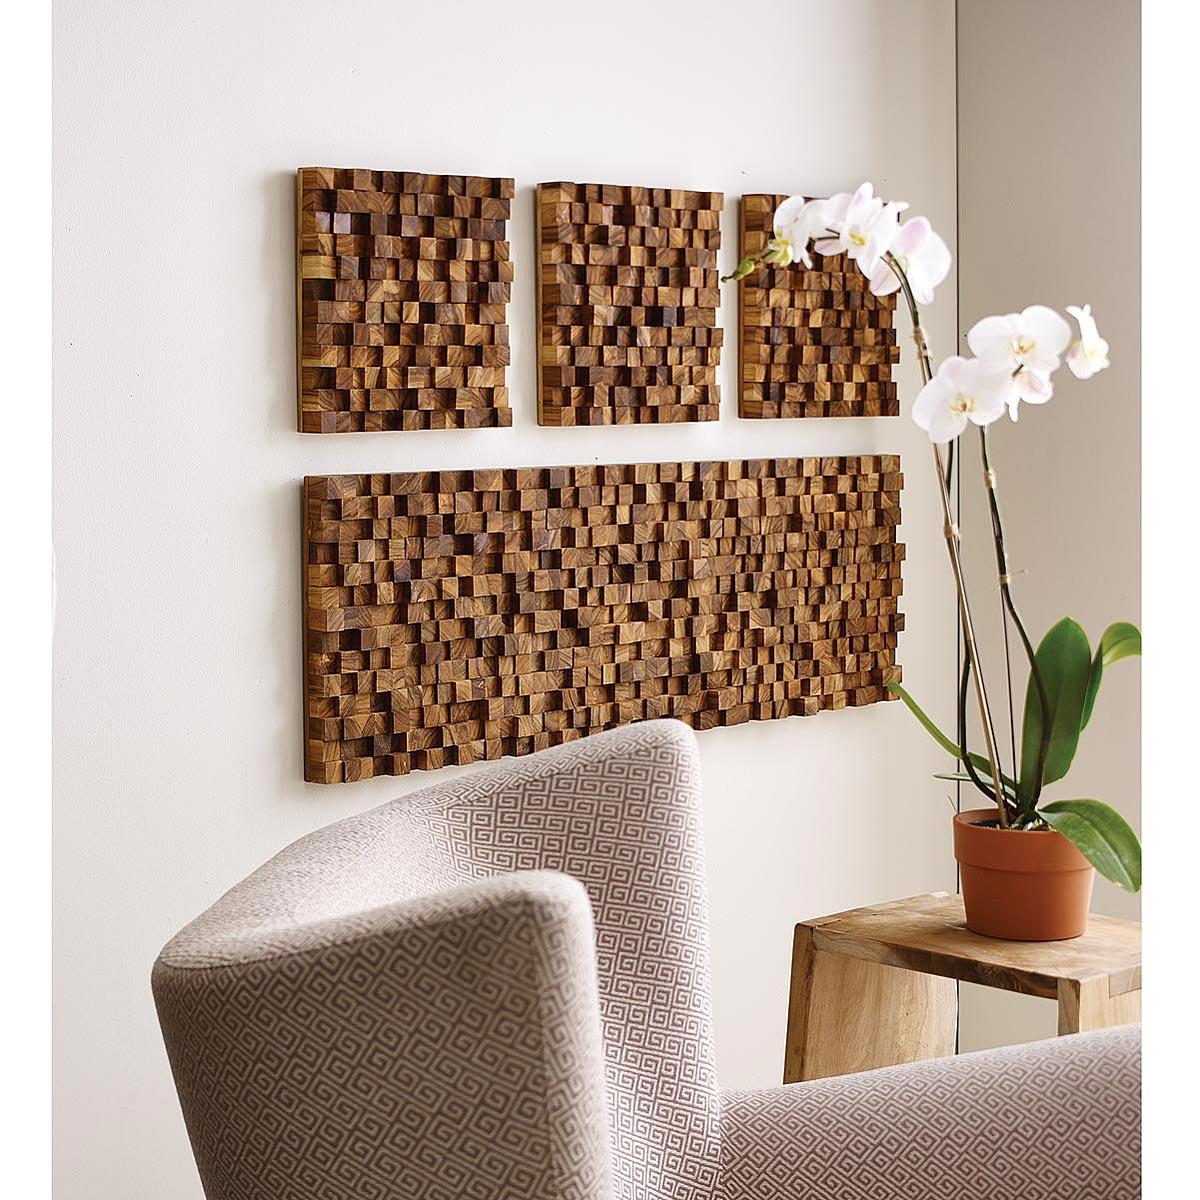 Incredible Square Takara Wall Art Thumbnail Square Takara Wall Art Teak Art Uncommongoods Wood Wall Art Sayings Wood Wall Art Square art Wood Wall Art